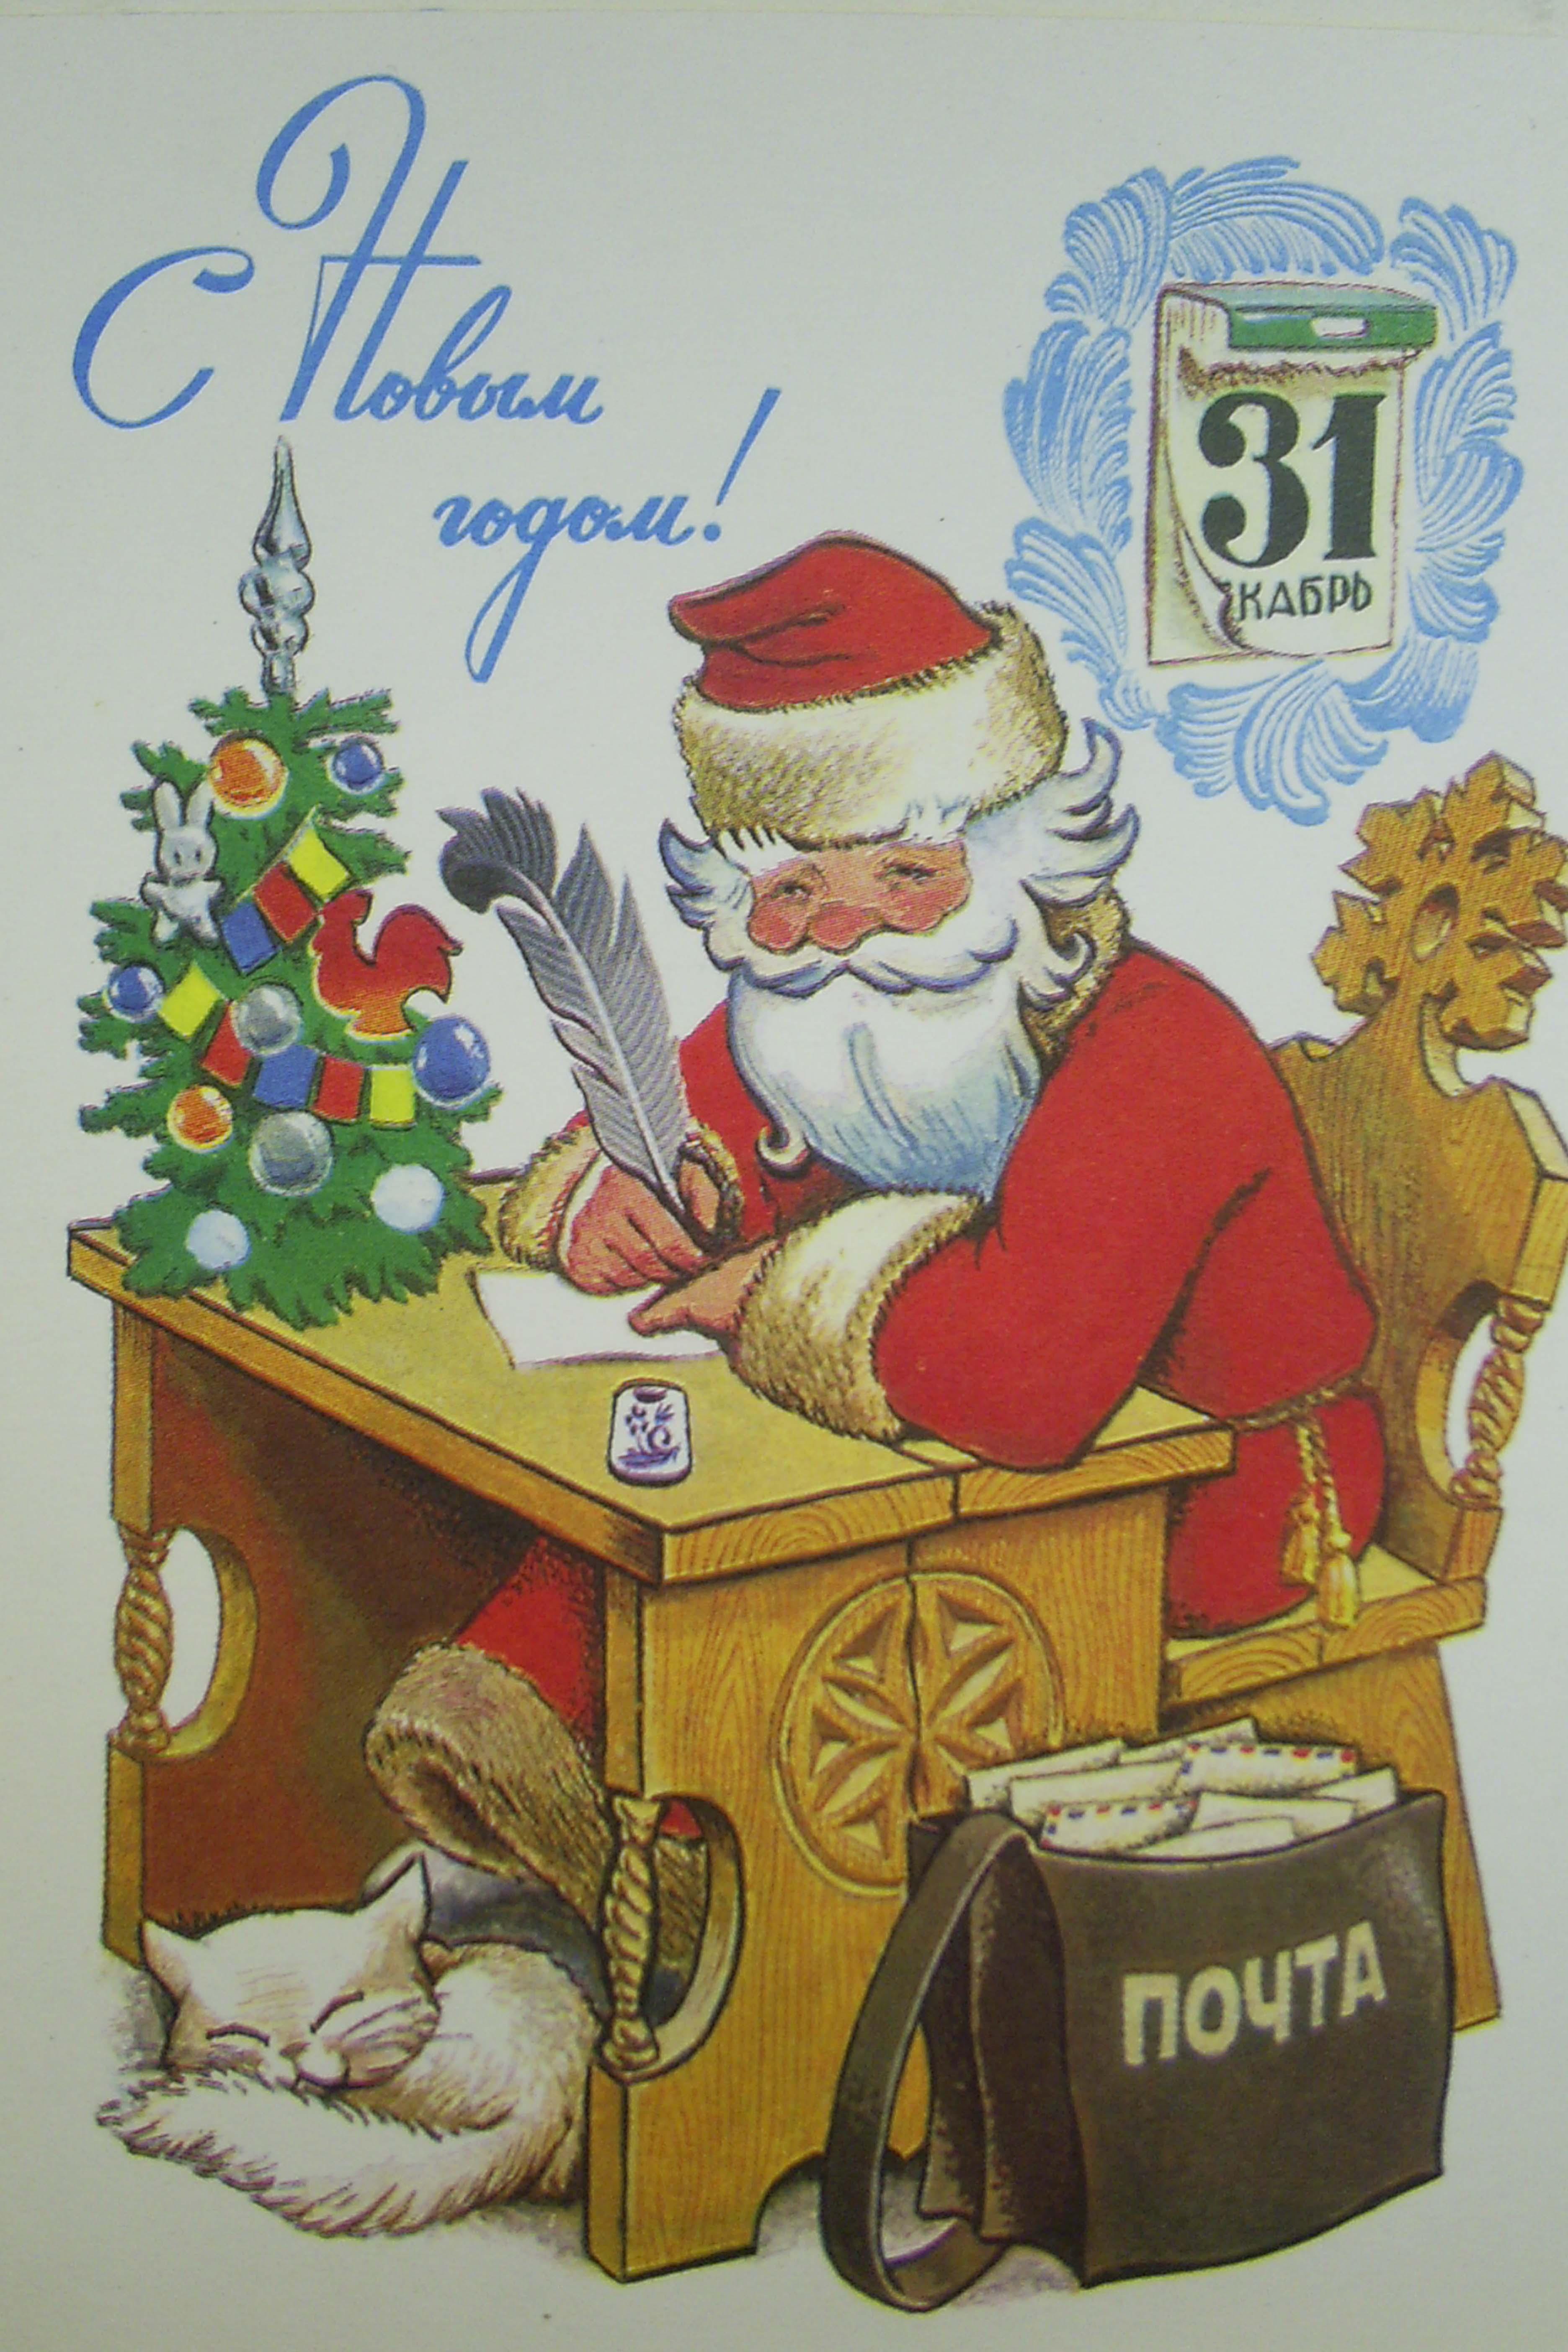 Новогодние открытки. Милая новогодняя открытка большого размера, на которой дедушка Мороз пишет ответ детишкам, которые хорошо вели себя в уходящем году. У деда Мороза есть специальный стол для писем, на котором стоит замечательная маленькая ёлочка, украшенная новогодними игрушками. Под столом примостилась и уснула кошка, а рядом стоит сумка с почтой. На календаре – 31 декабря, а это значит, что дедушка Мороз скоро полетит дарить подарки детишкам всего мира.